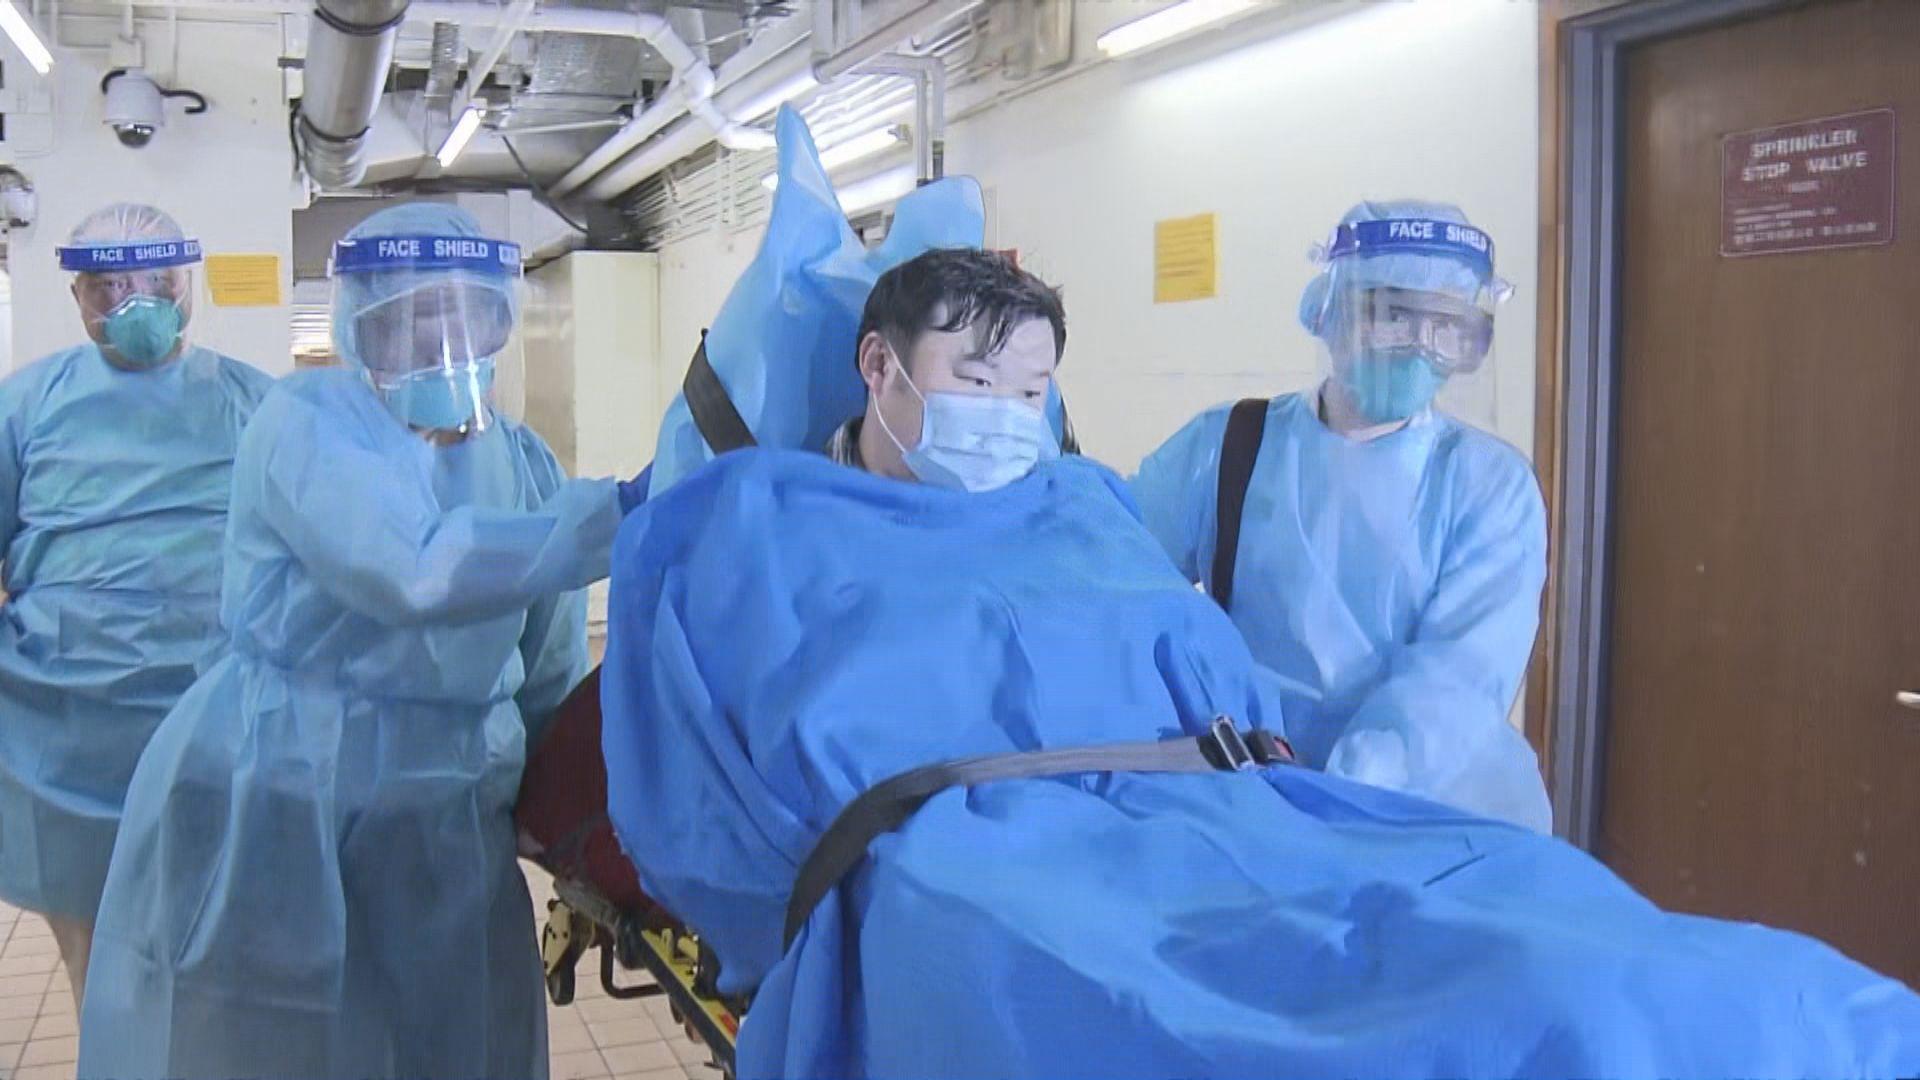 【最新】消息指本港確診首宗個案 患者轉送瑪嘉烈醫院